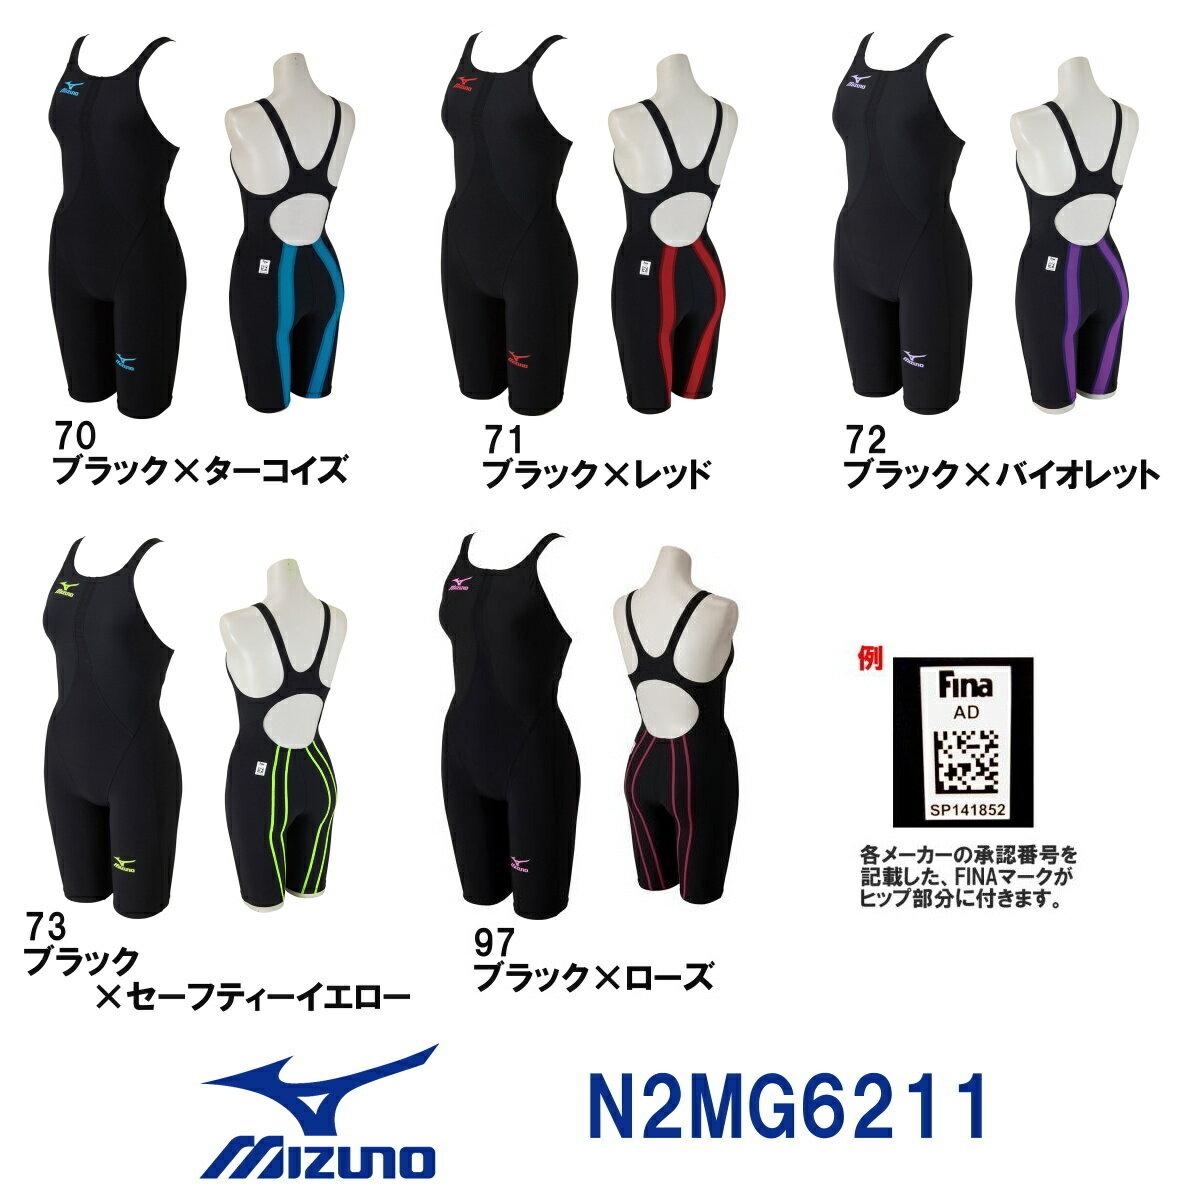 【送料無料】【N2MG6211】MIZUNO(ミズノ)レディース 競泳用水着 スイムウェア スイミング MX・SONIC02 ソニックライト リブテックス ハーフスーツ[競泳/女性用/布帛素材/FINA承認]